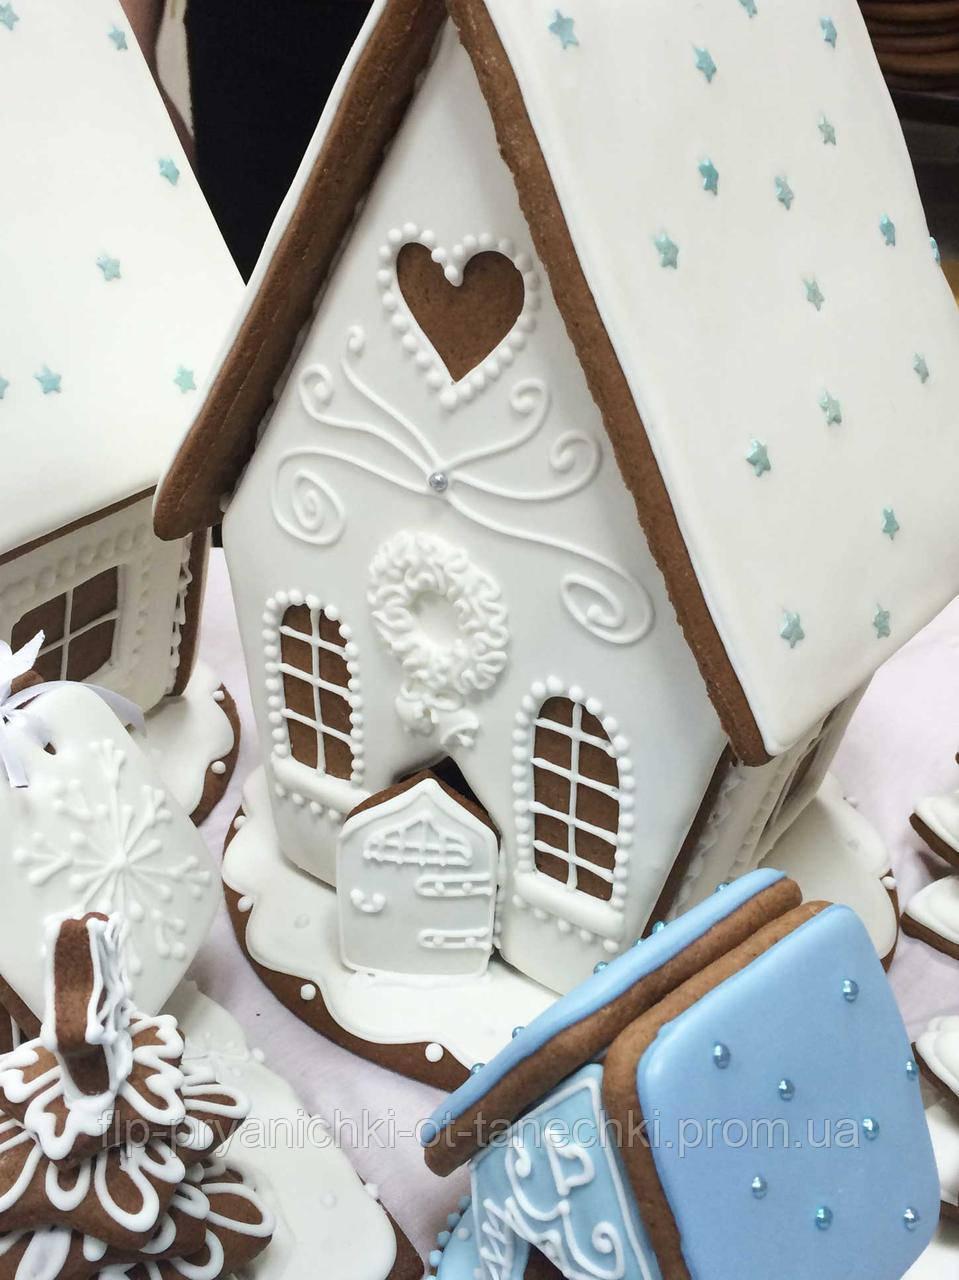 Пряниковий будиночок на Новий рік, Різдво